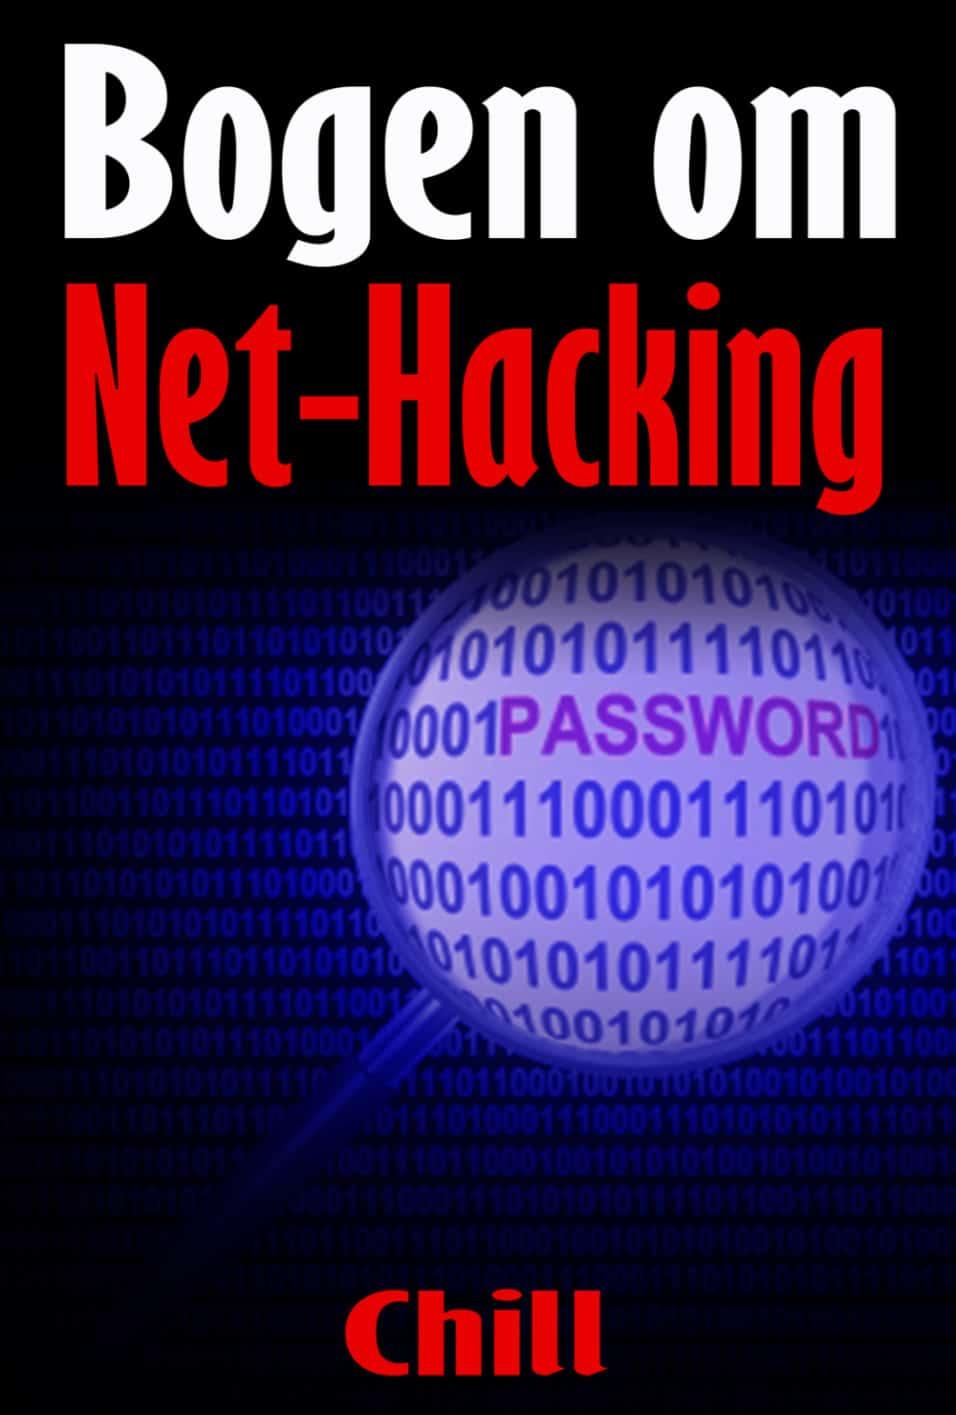 nethacking